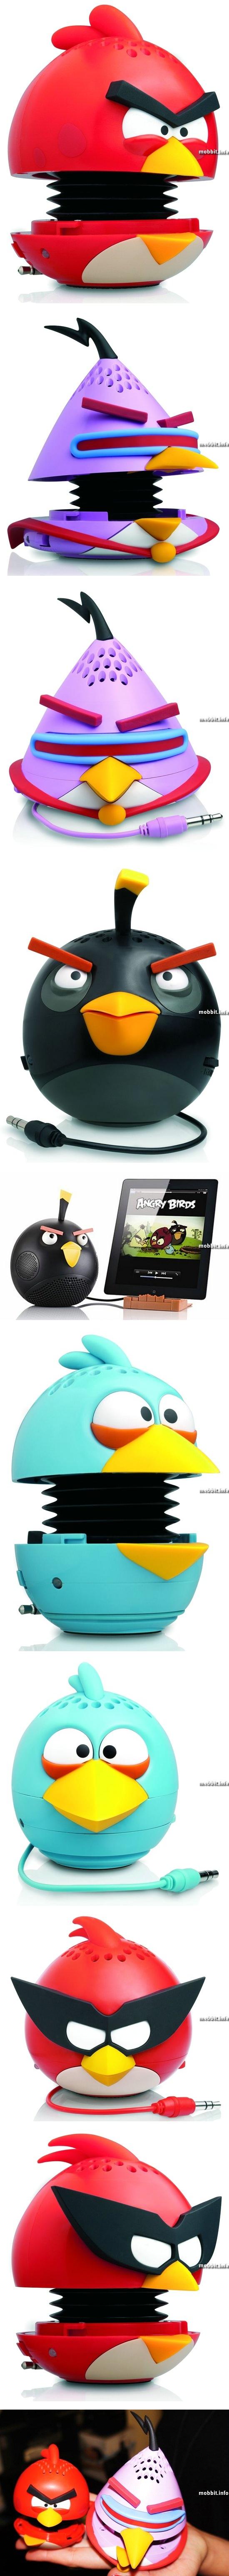 Портативные колонки Angry Birds от Gear4